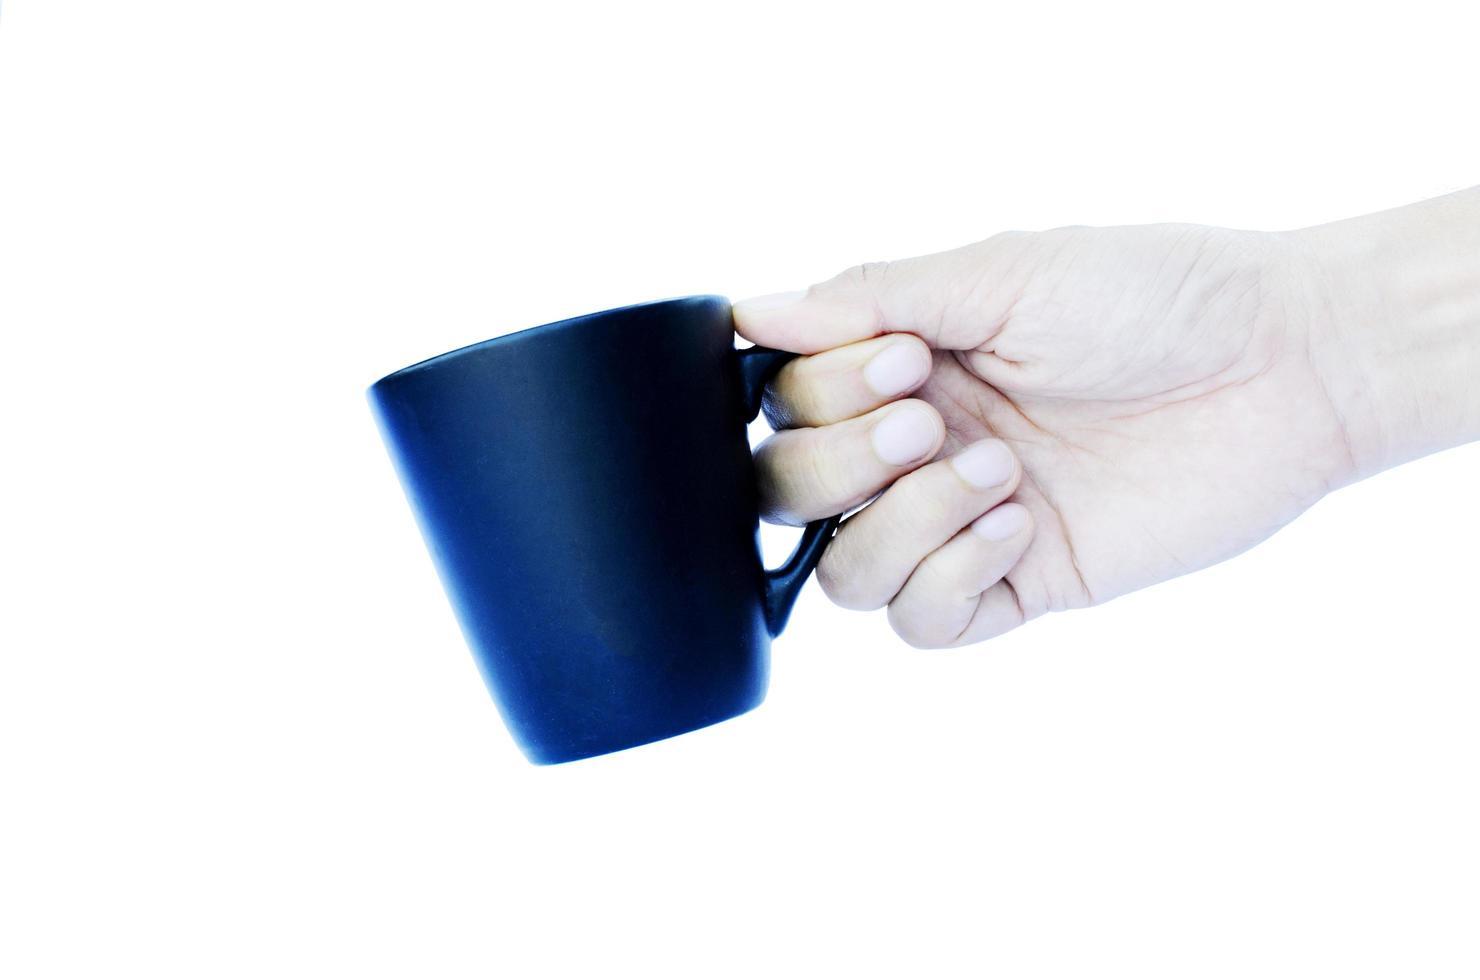 mano destra che tiene tazze blu isolate su sfondi bianchi foto